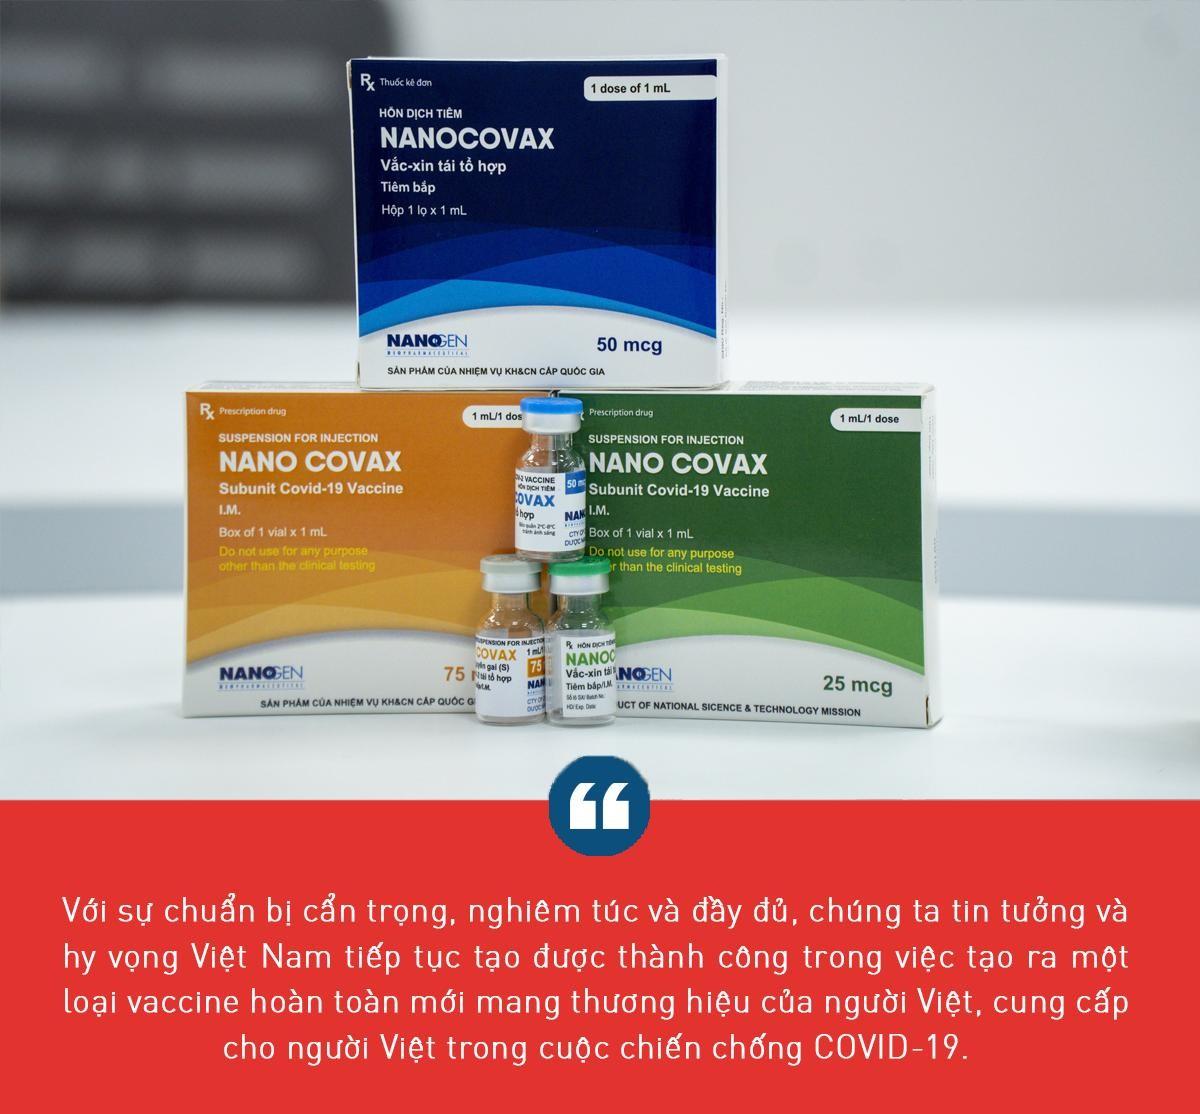 Niềm tin và hy vọng vào vaccine COVID-19 'made in Việt Nam' ảnh 6